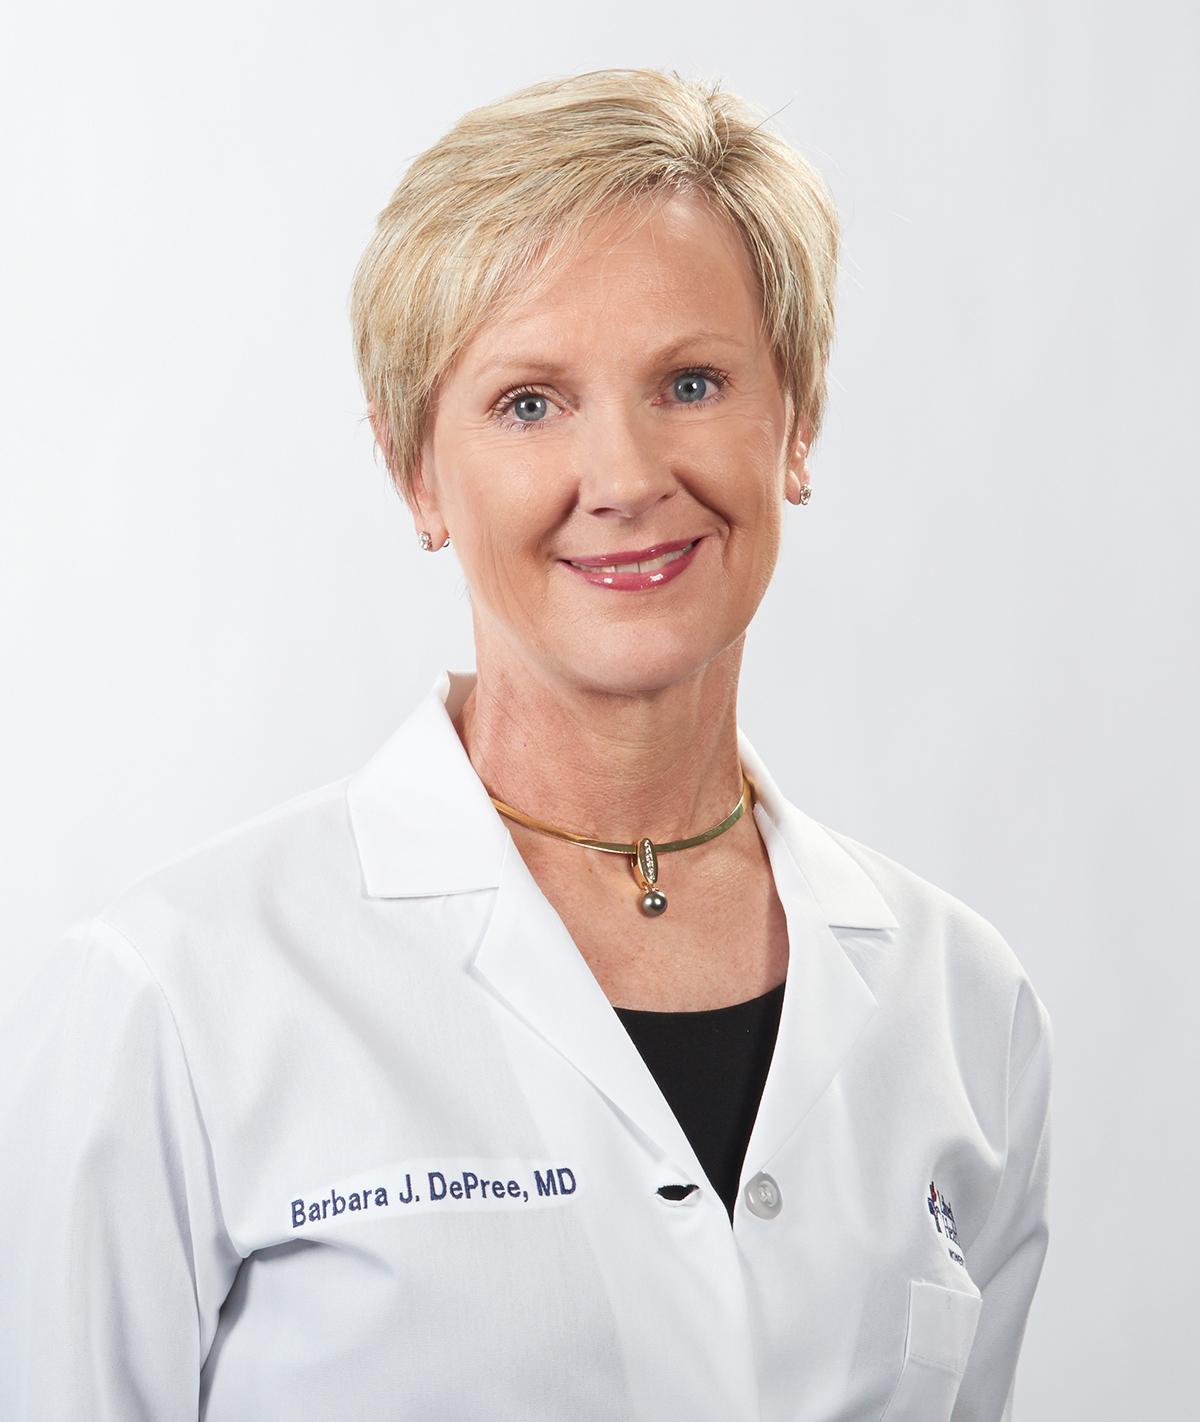 Dr. DePree